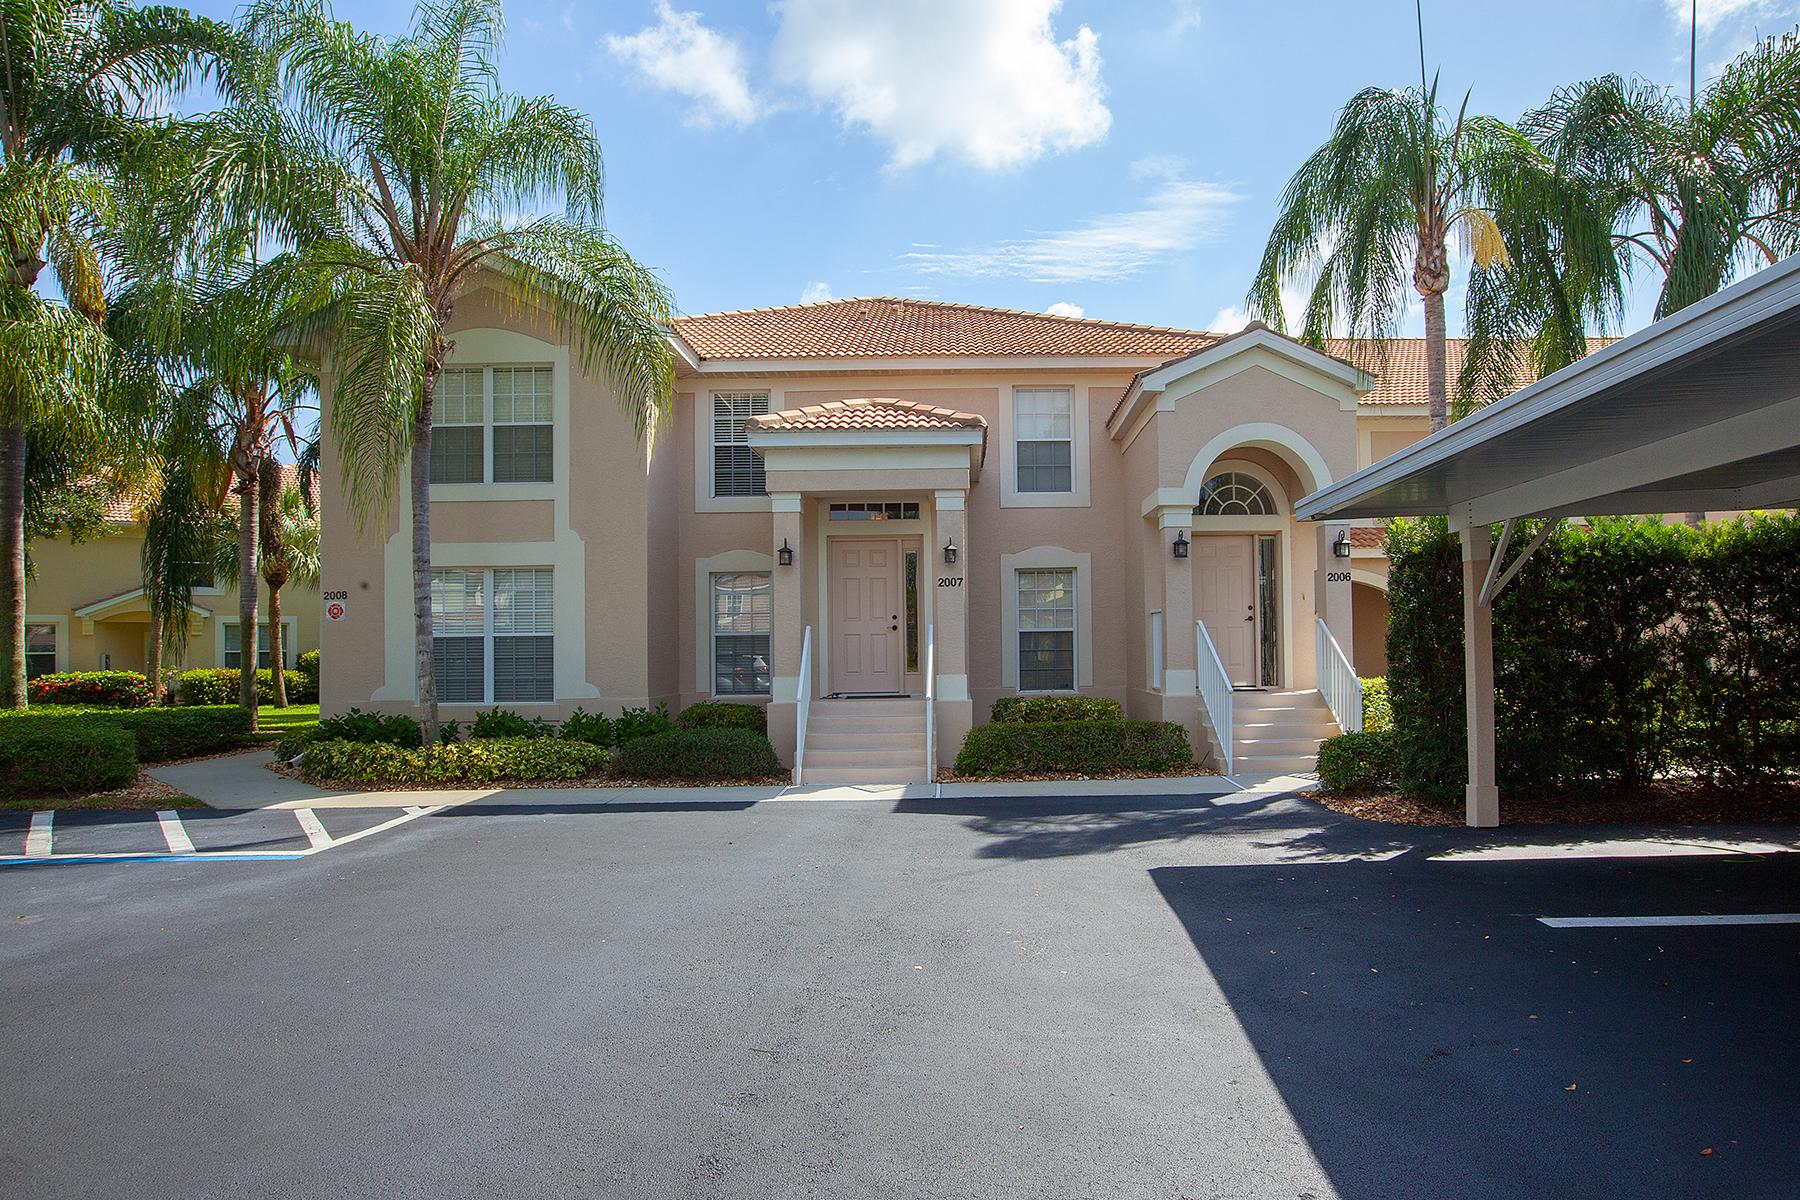 Condomínio para Venda às SUNSET STREAM 9209 Spring Run Blvd 2007 Estero, Florida, 34135 Estados Unidos